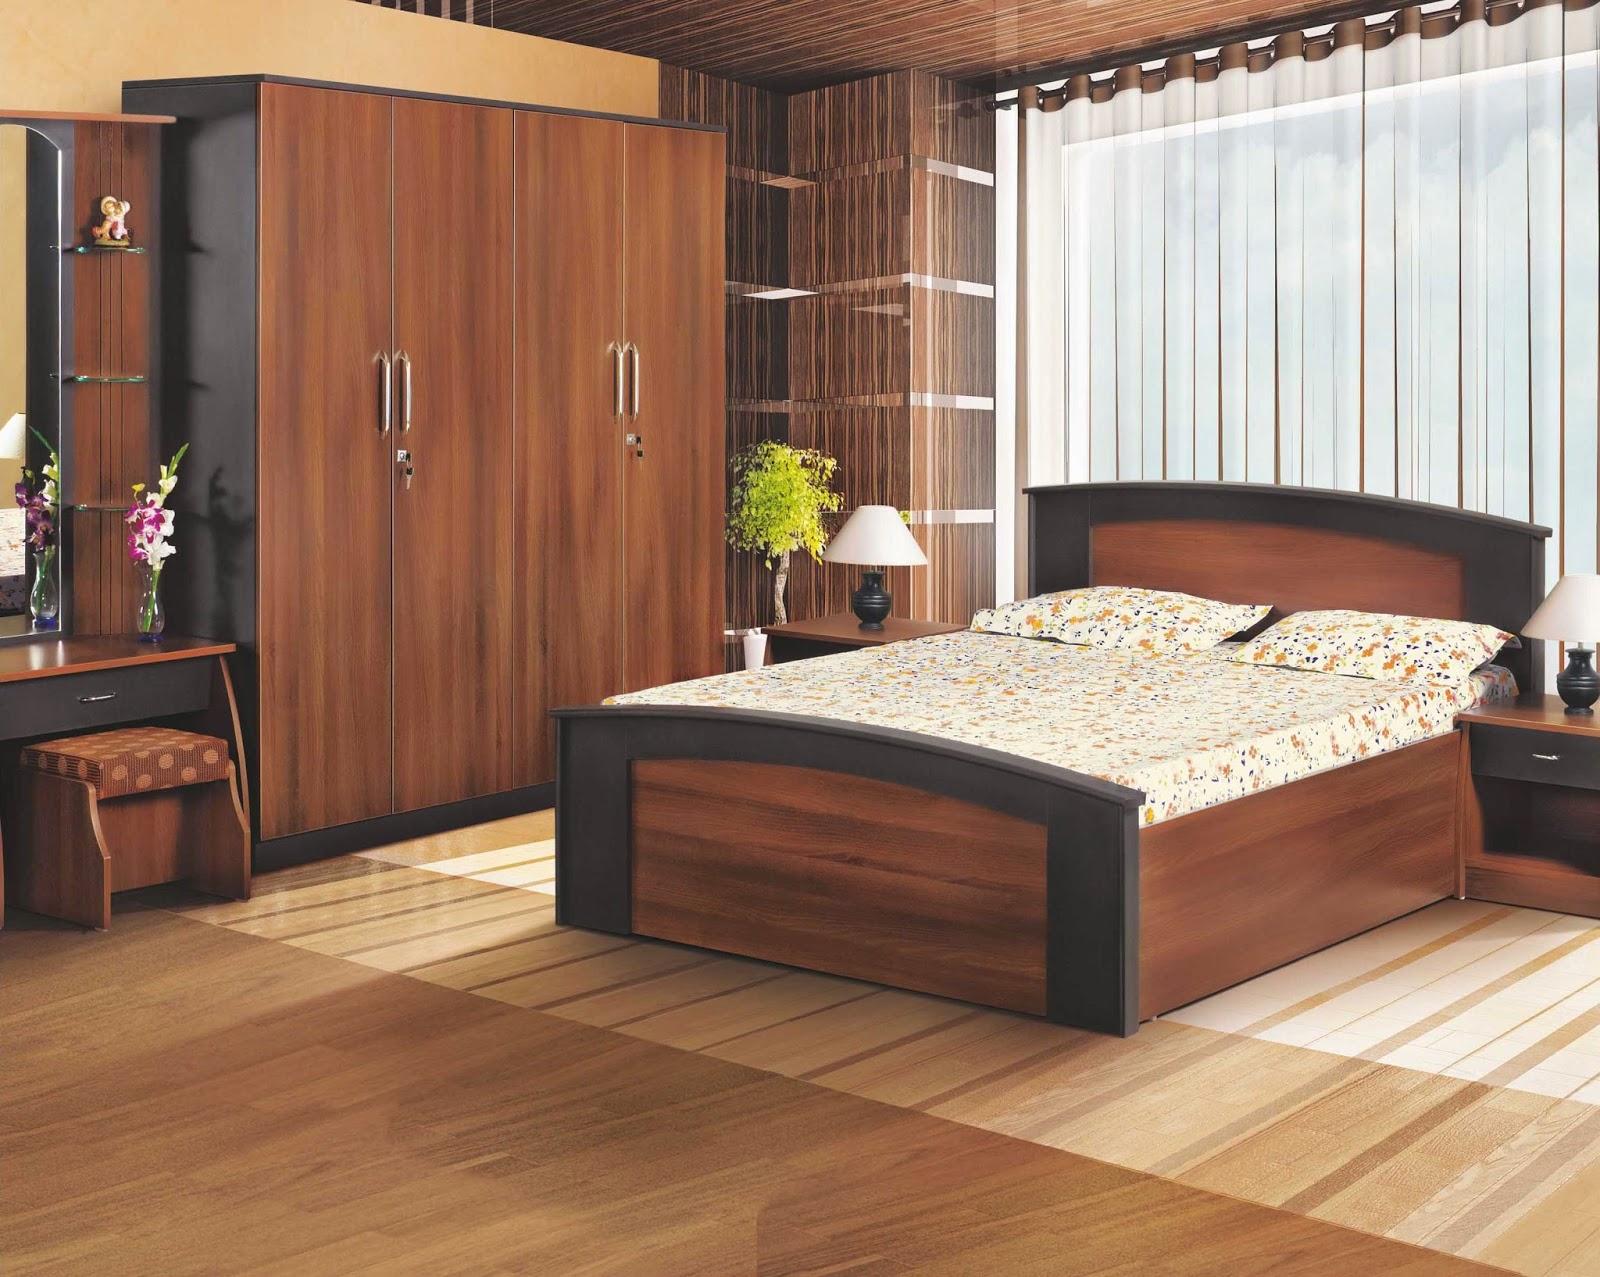 Nilkamal s Evolution. Nilkamal Furnitures  August 2014